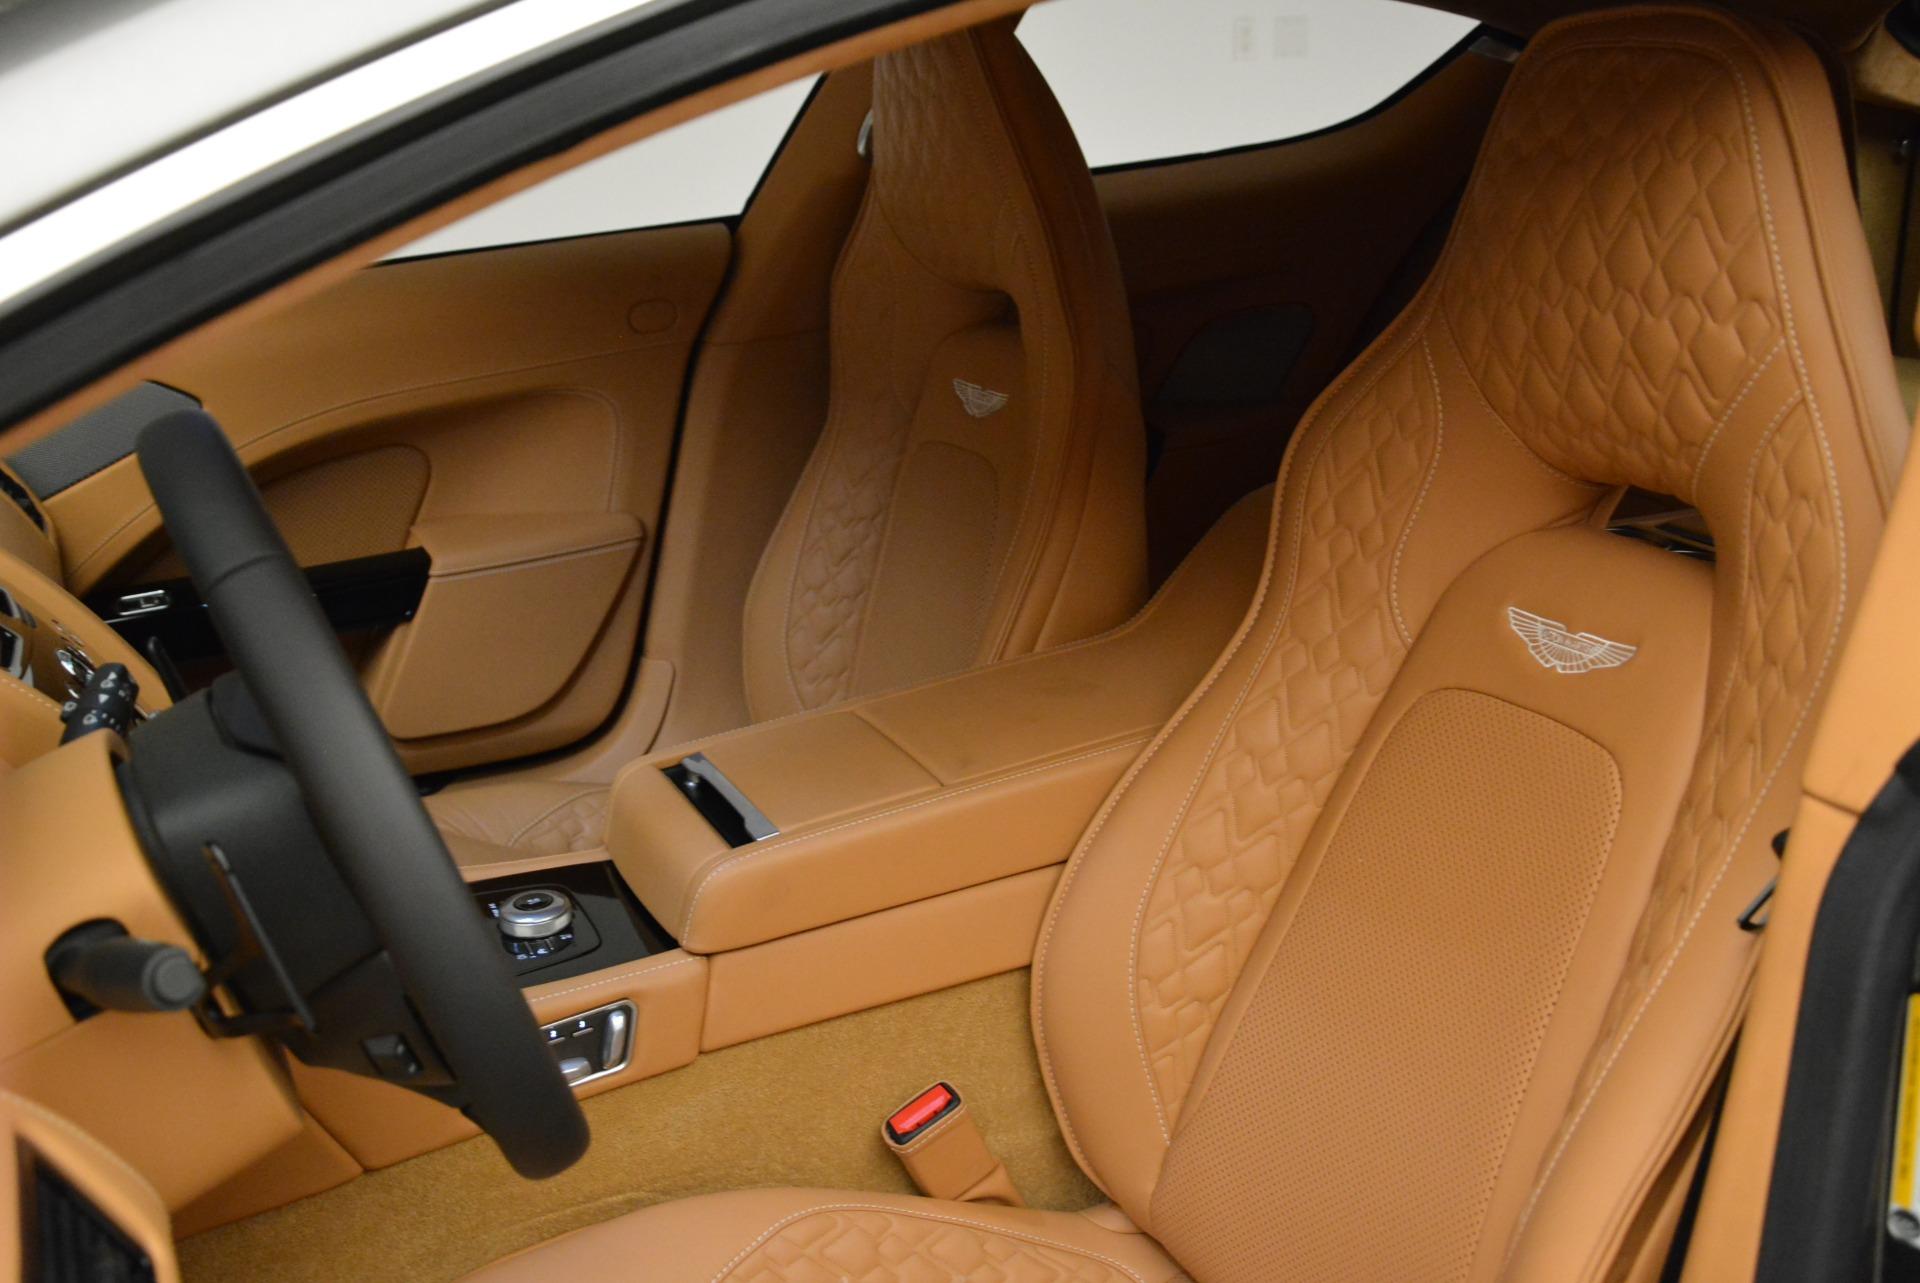 Used 2017 Aston Martin Rapide S Sedan For Sale In Greenwich, CT. Alfa Romeo of Greenwich, A1259B 1877_p15